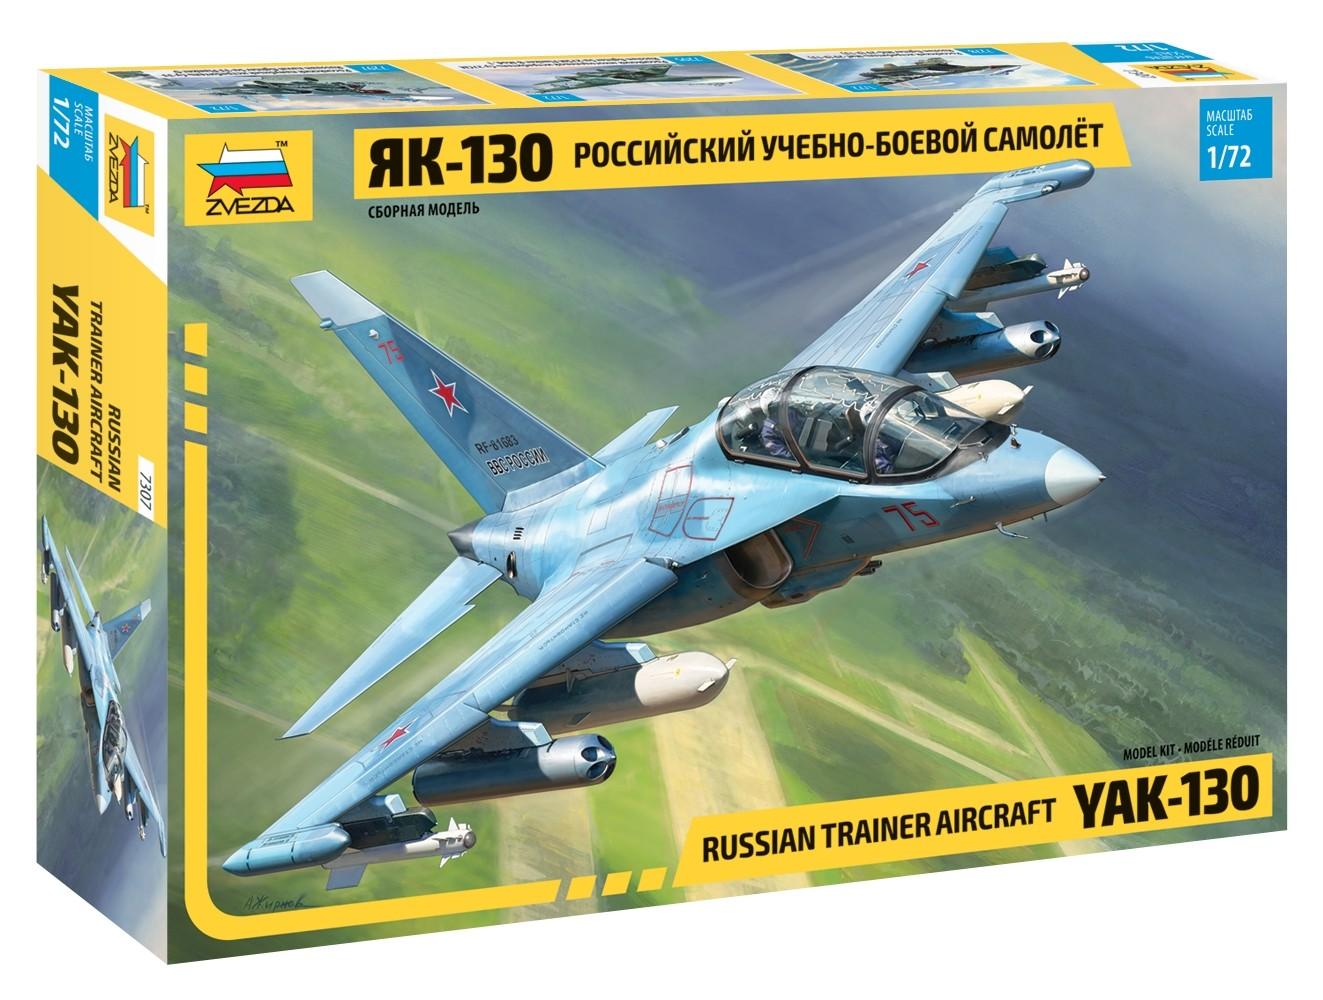 Купить Сборная модель - Российский учебно-боевой самолёт Як-130, ZVEZDA